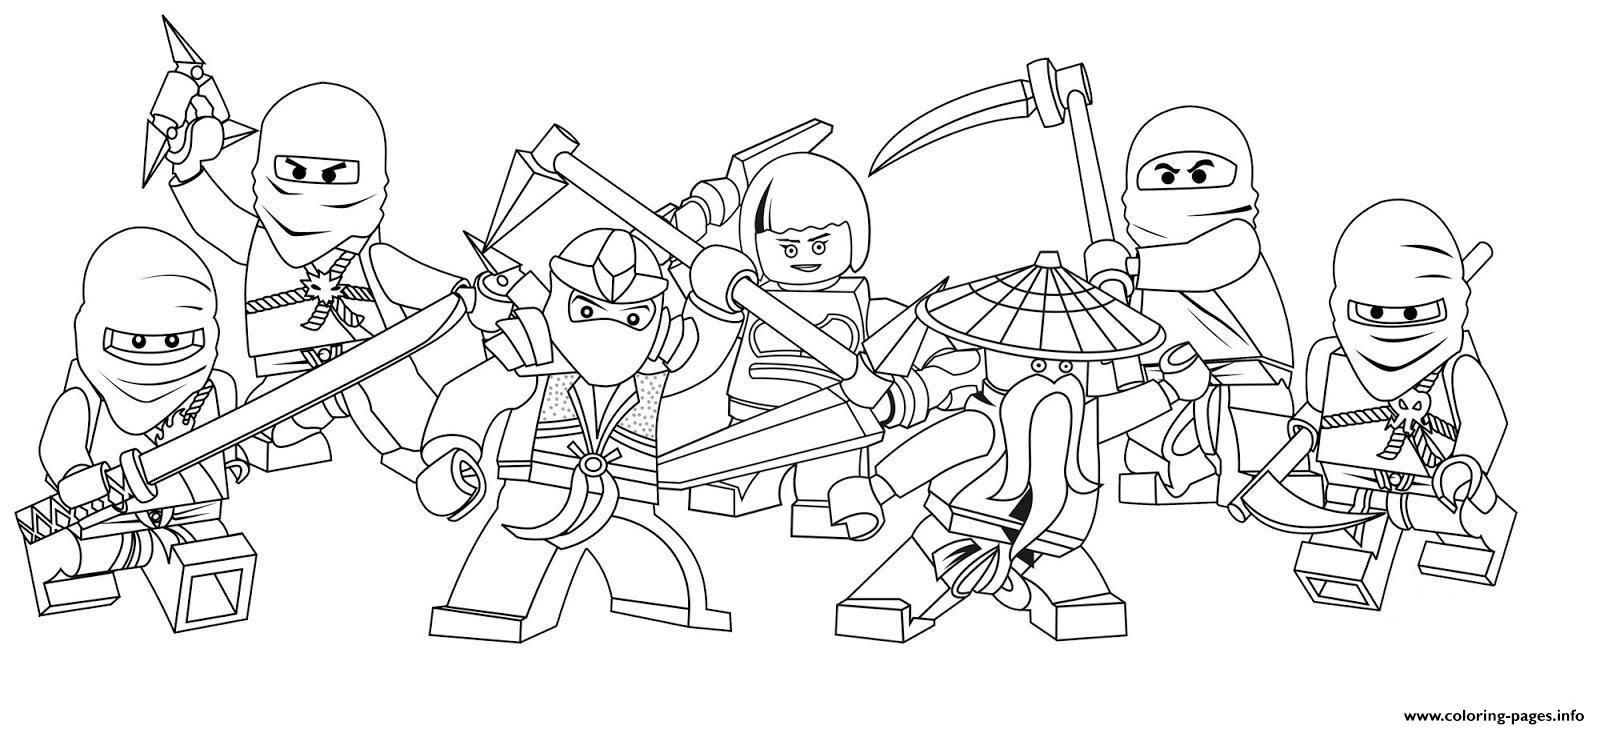 Print Characters Of Ninjago Secc8 Coloring Pages Ninjago Coloring Pages Lego Coloring Pages Free Coloring Pages